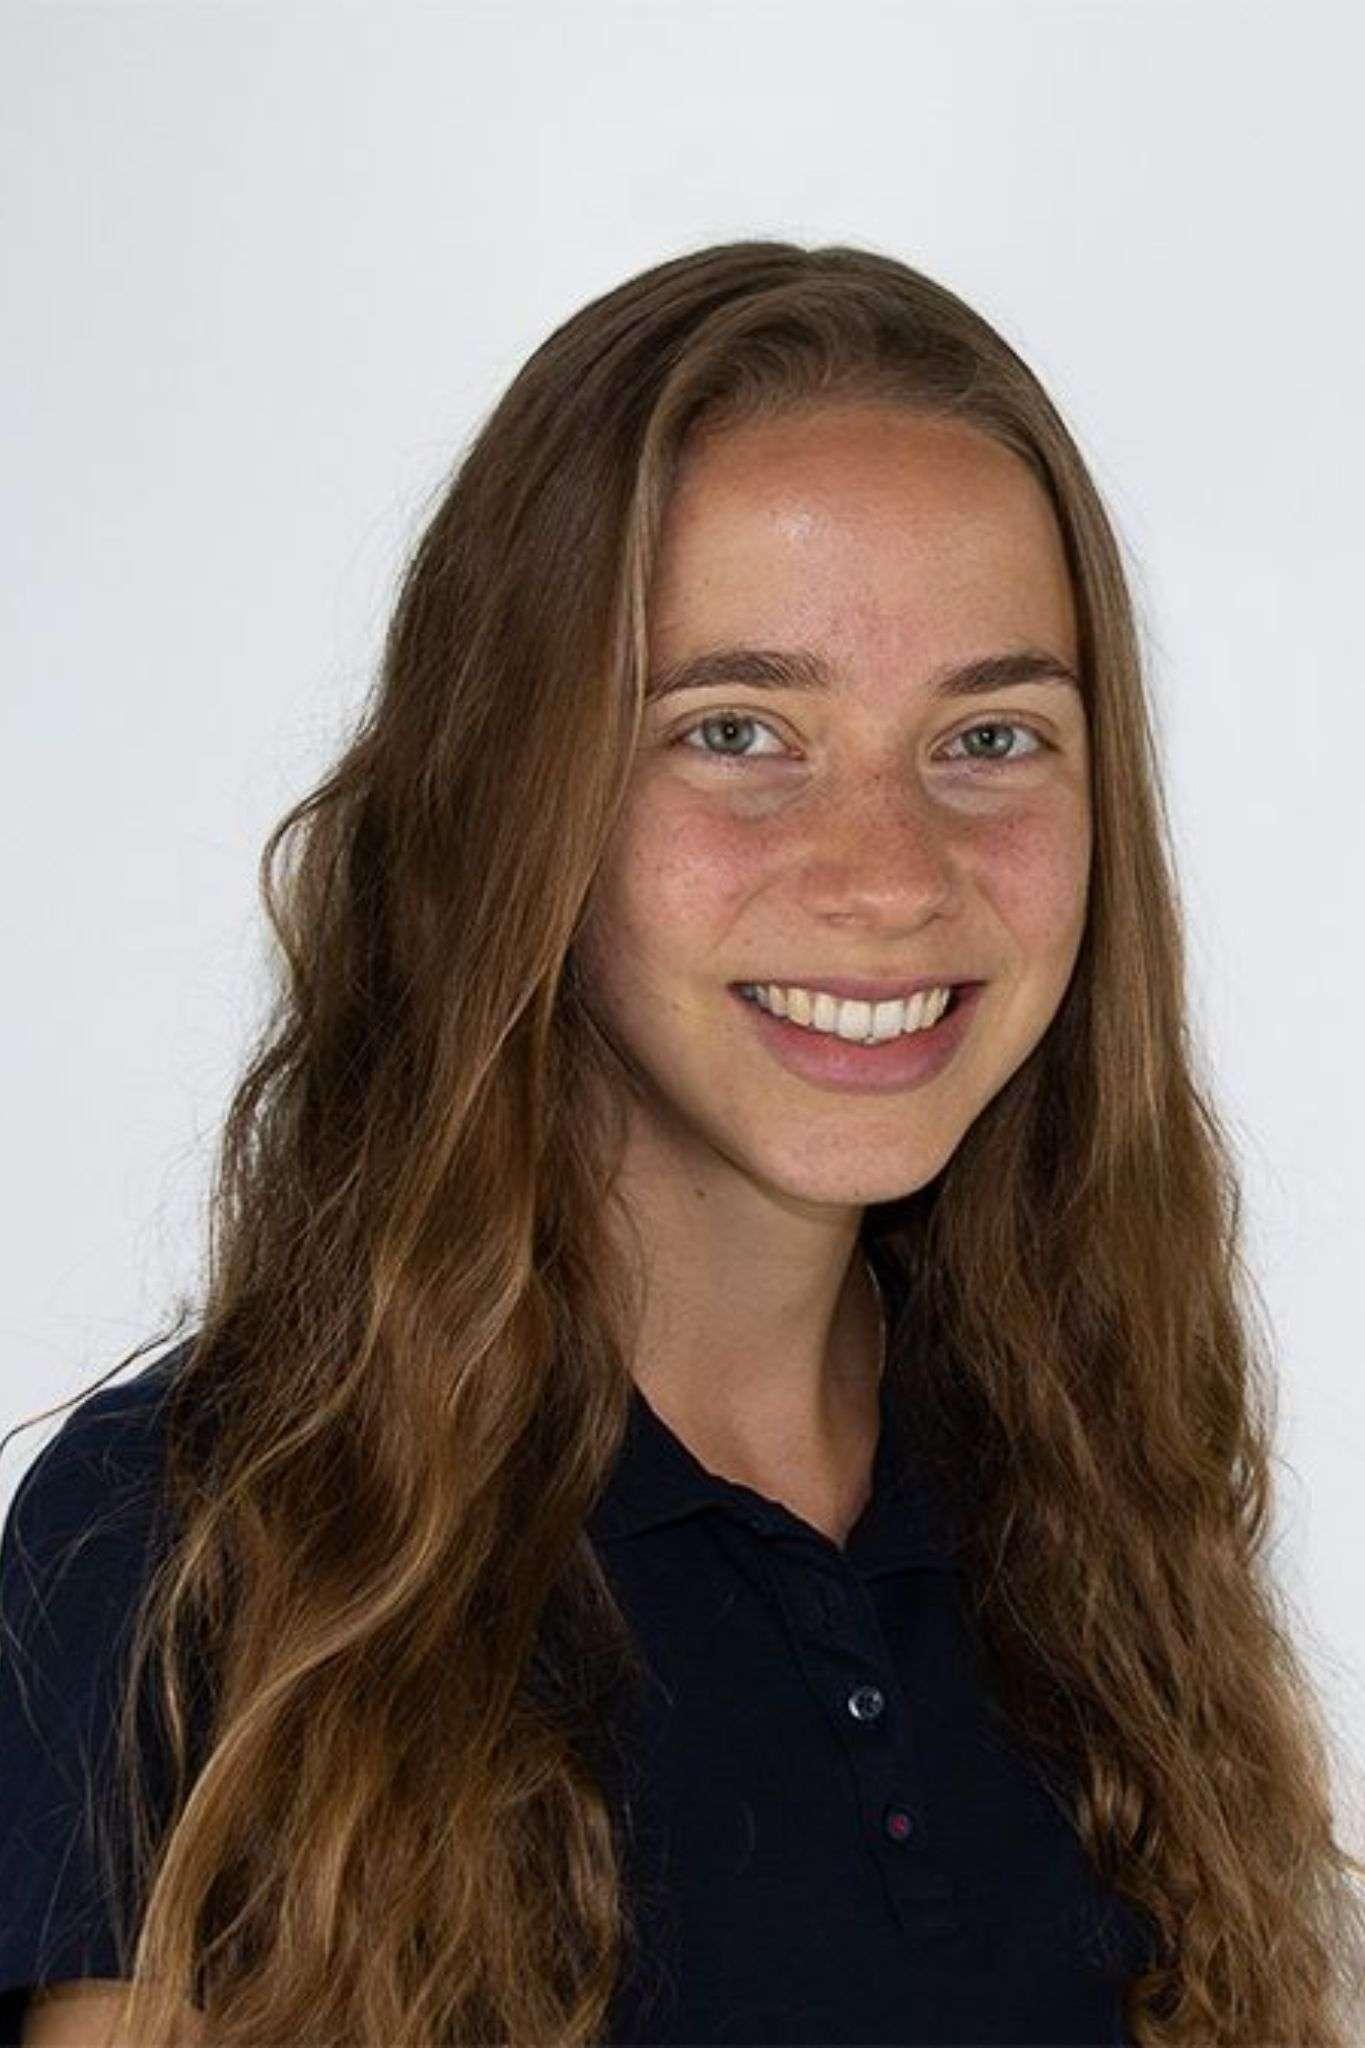 Lisa Fercher